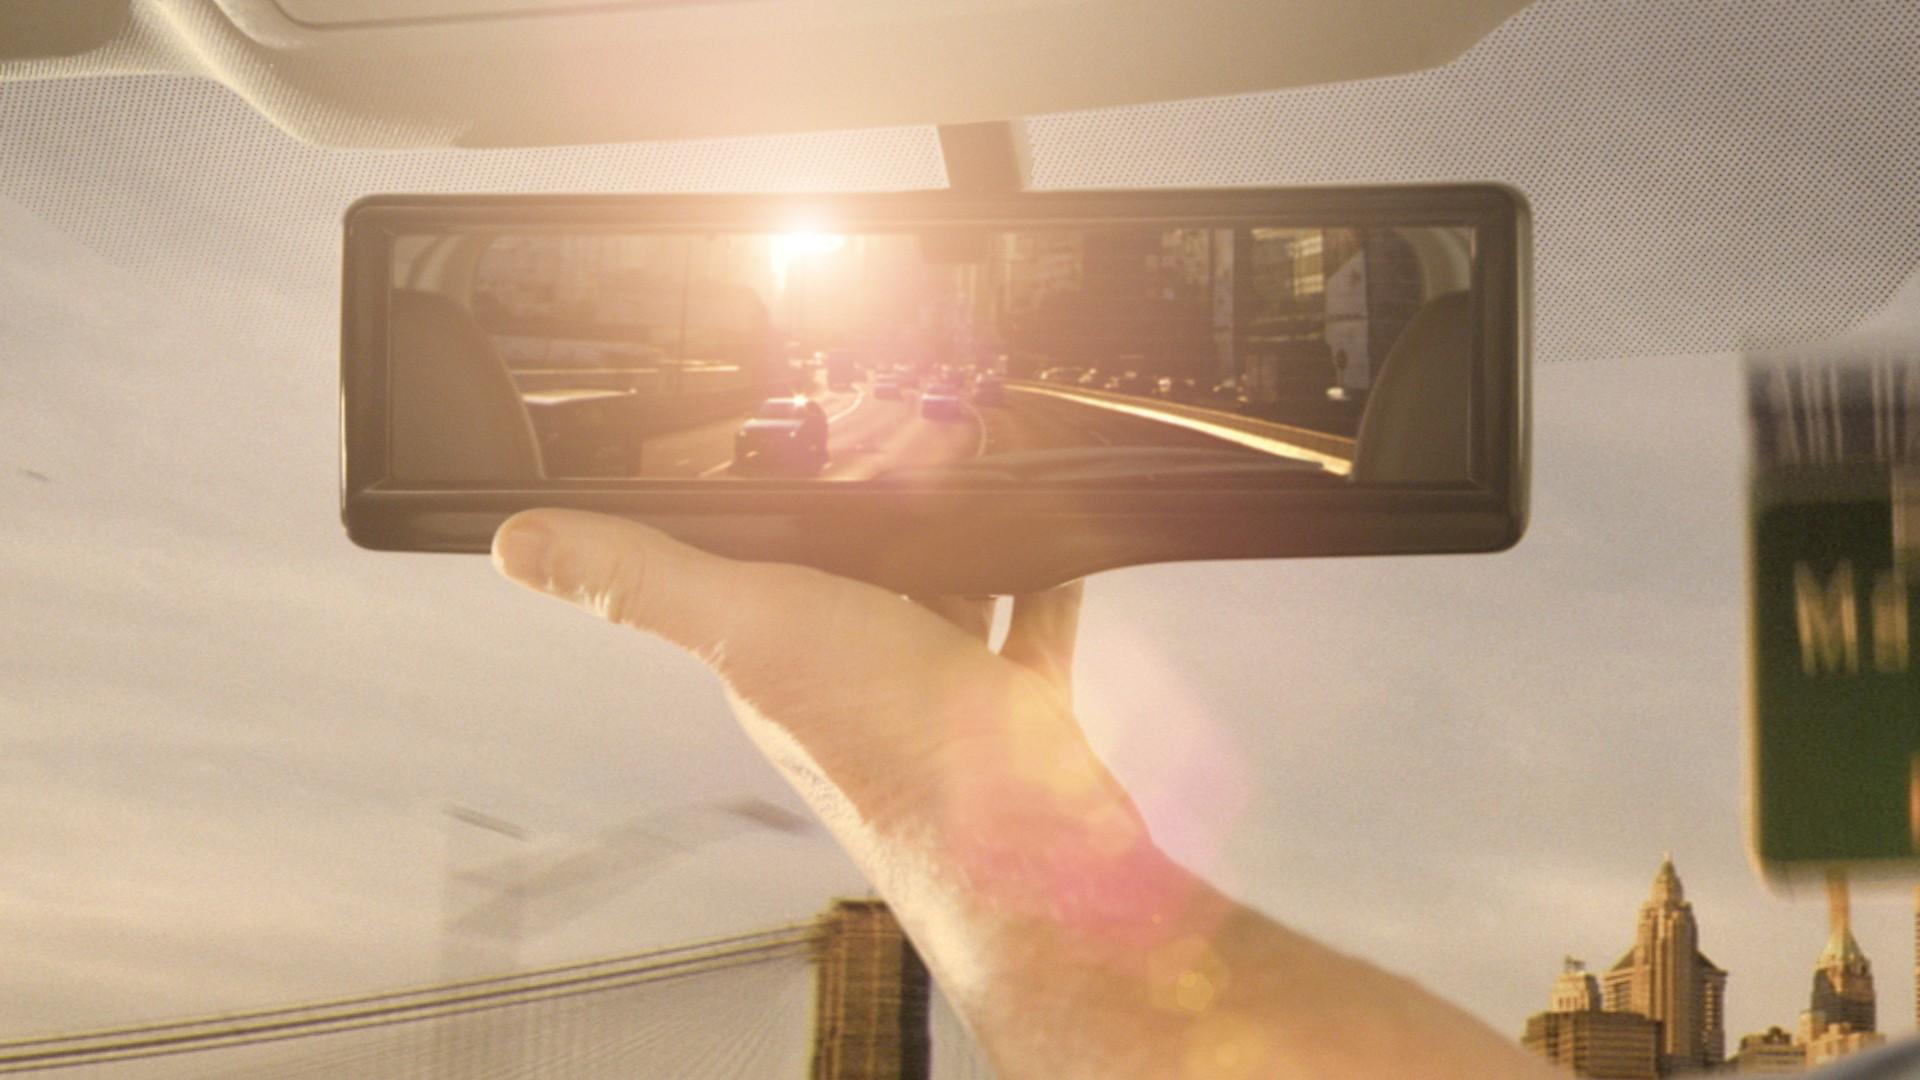 Mode normal du rétroviseur sous des conditions de forte luminosité